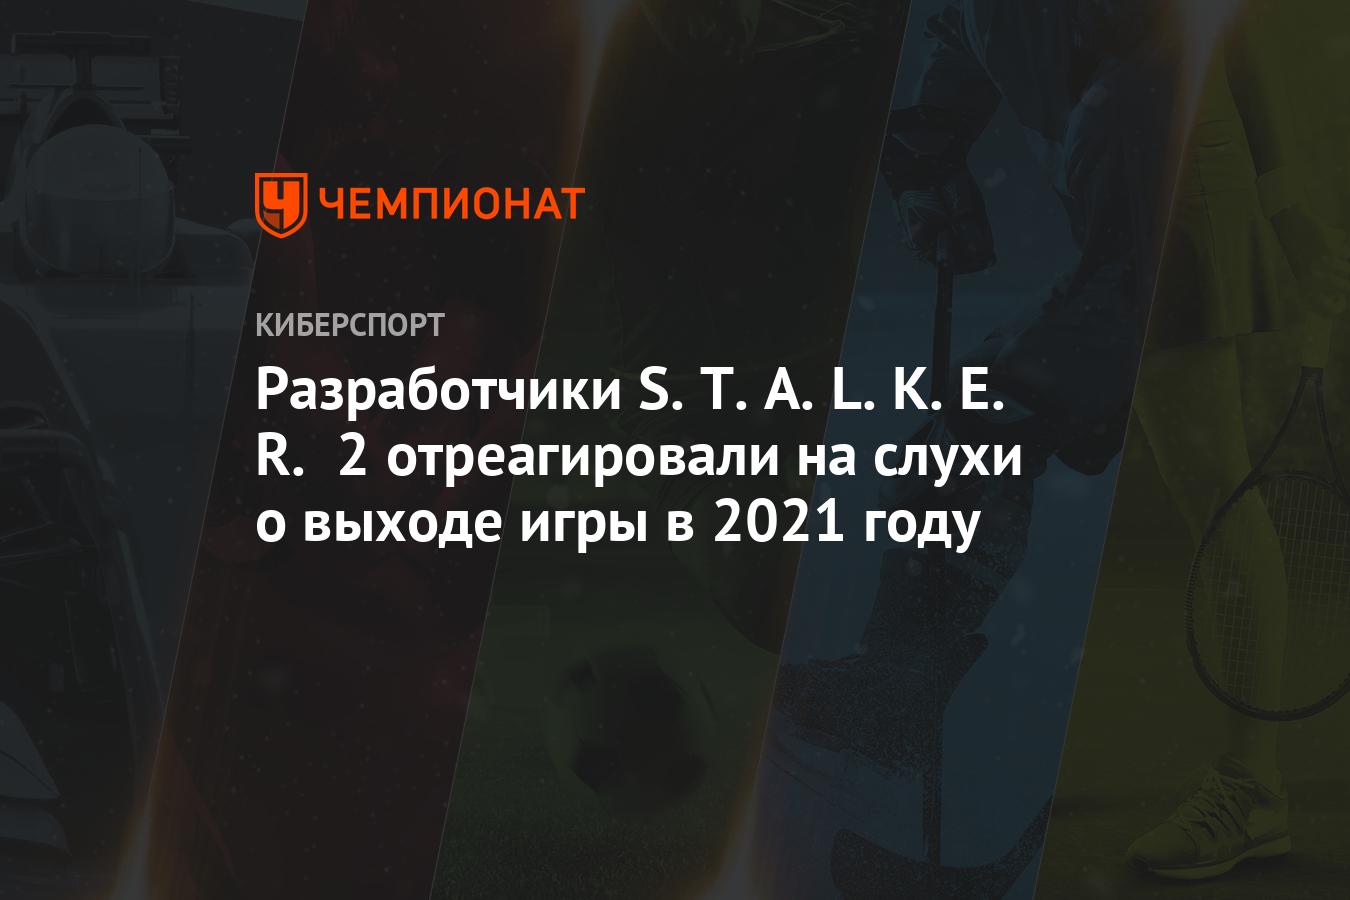 Разработчики S.T.A.L.K.E.R. 2 отреагировали на слухи о выходе игры в 2021 году